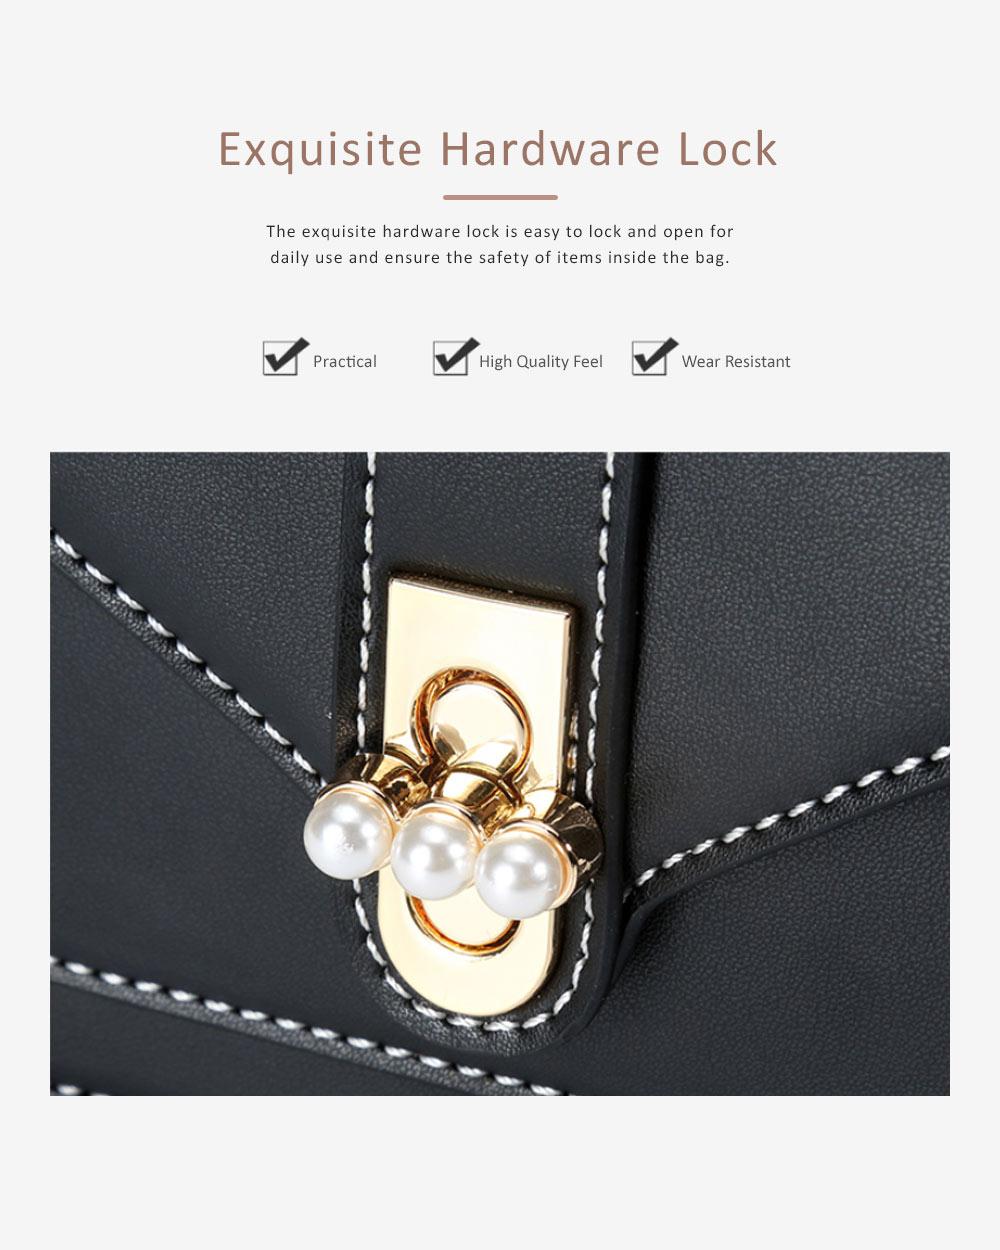 TUCANO Messenger Bag for Women Messenger Bag with Chain Strap Single-shoulder Bag 2019 4